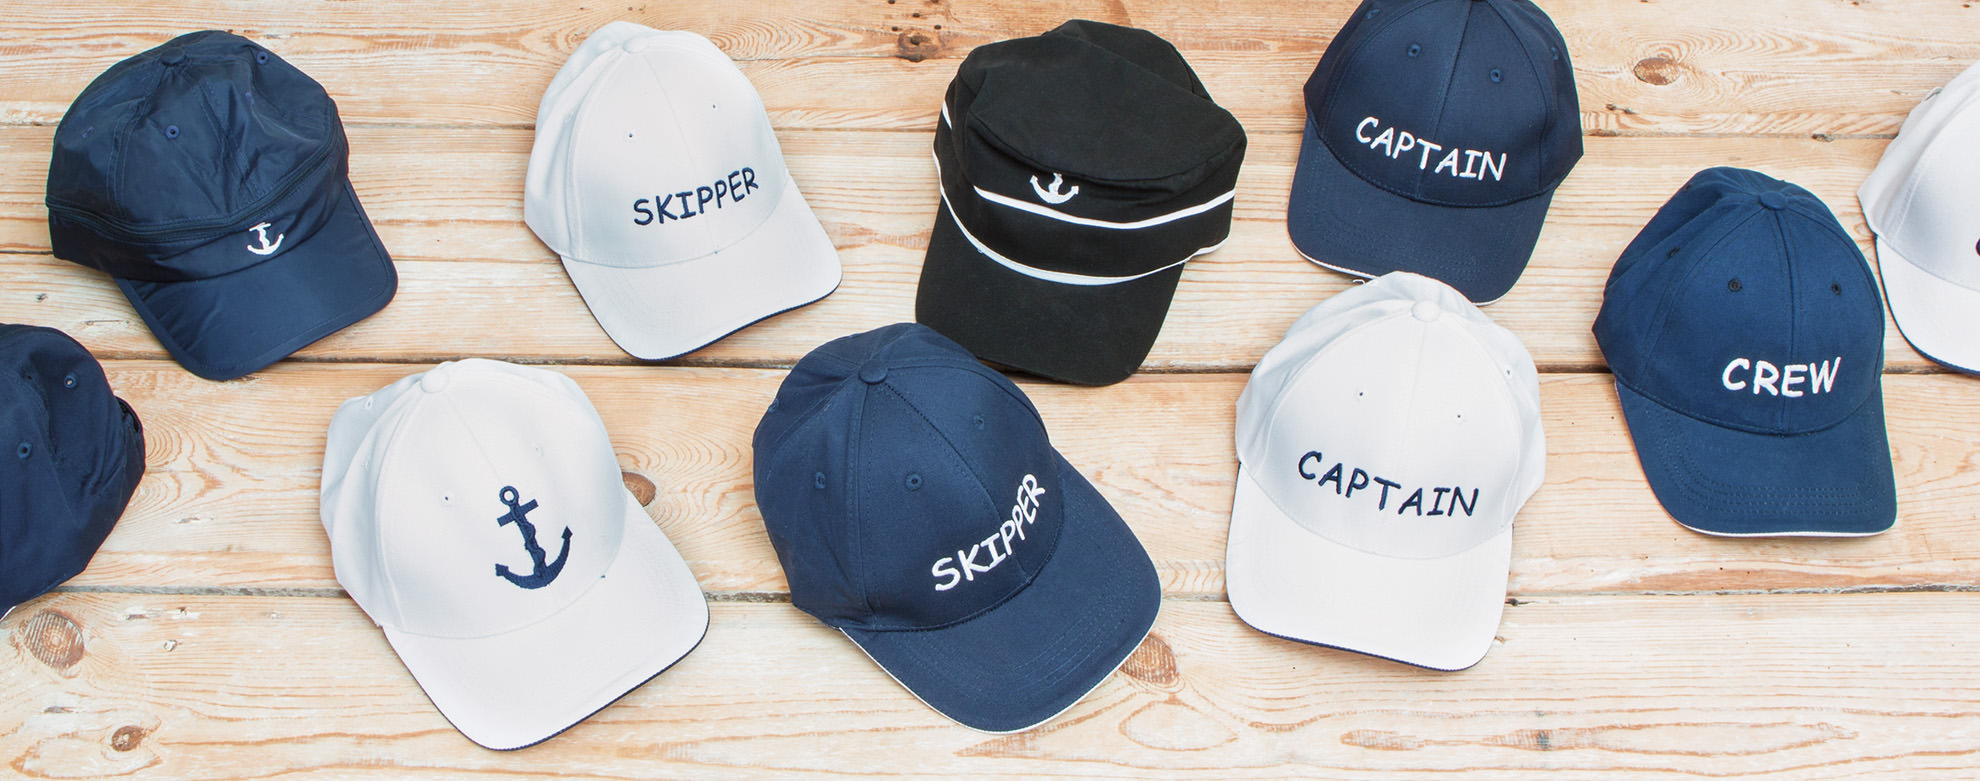 Caps blau und weiß